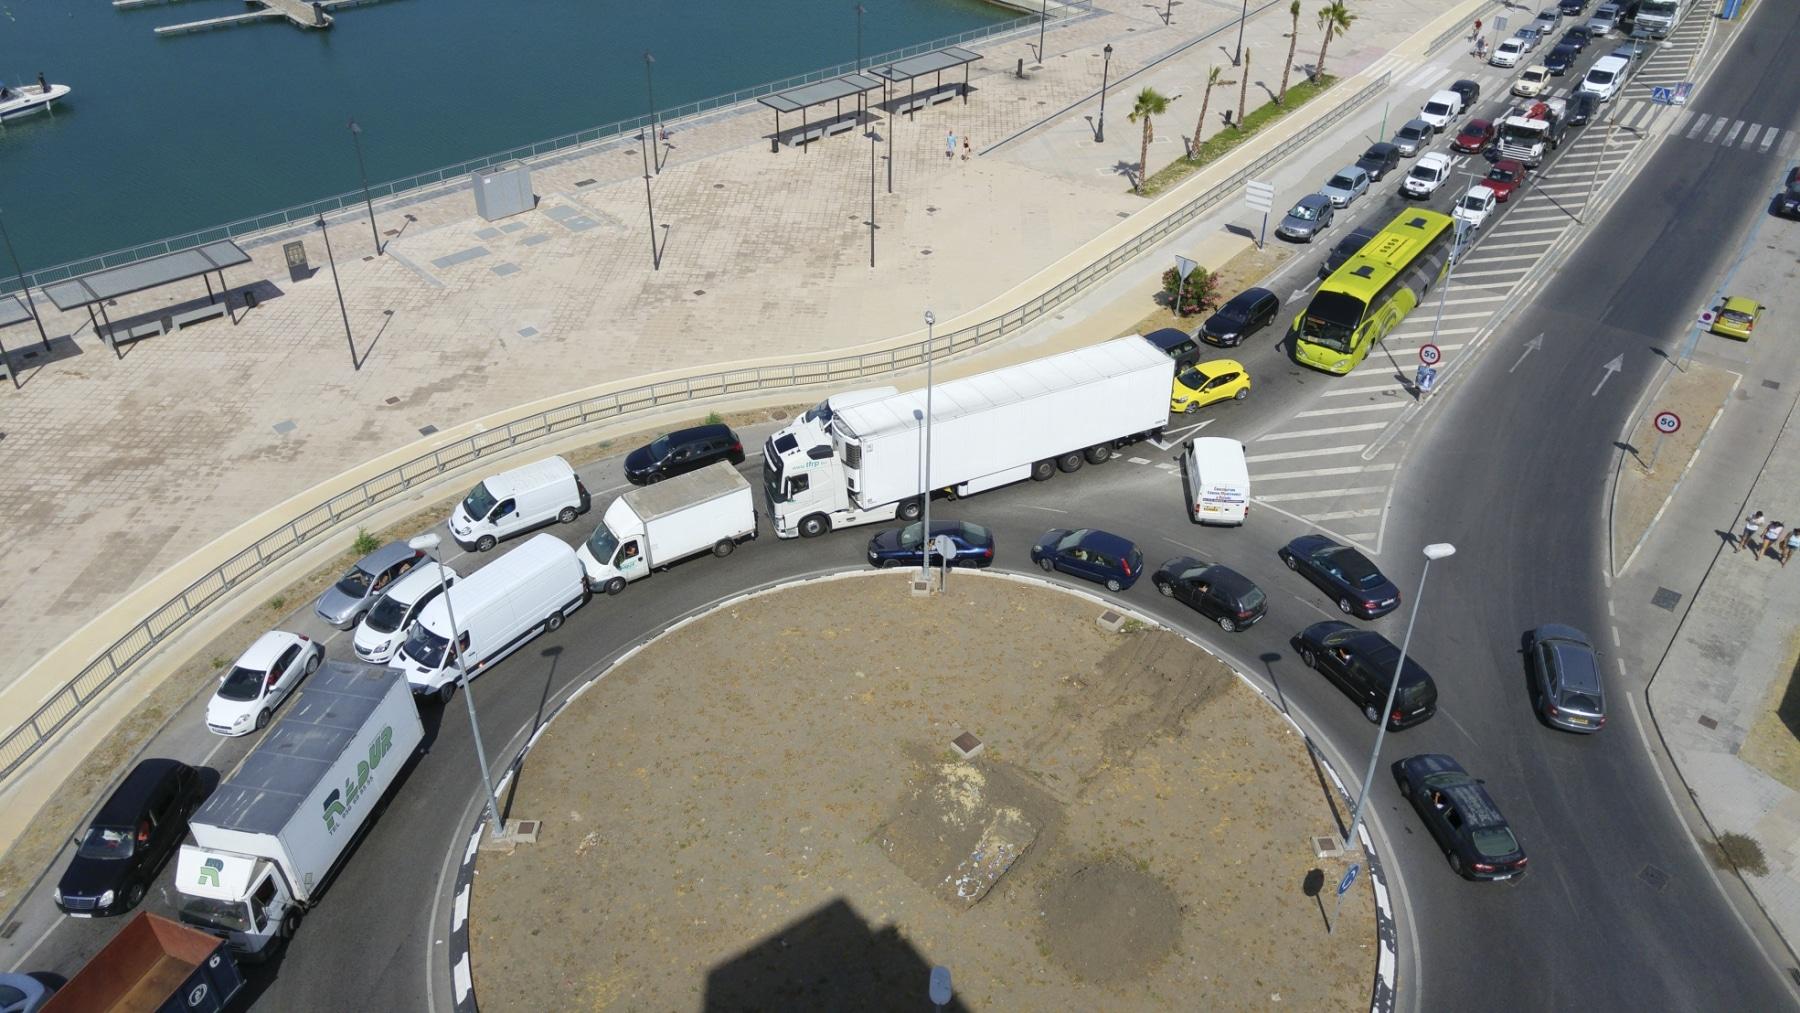 cola-entrada-a-gibraltar-28072015-13_19901581118_o